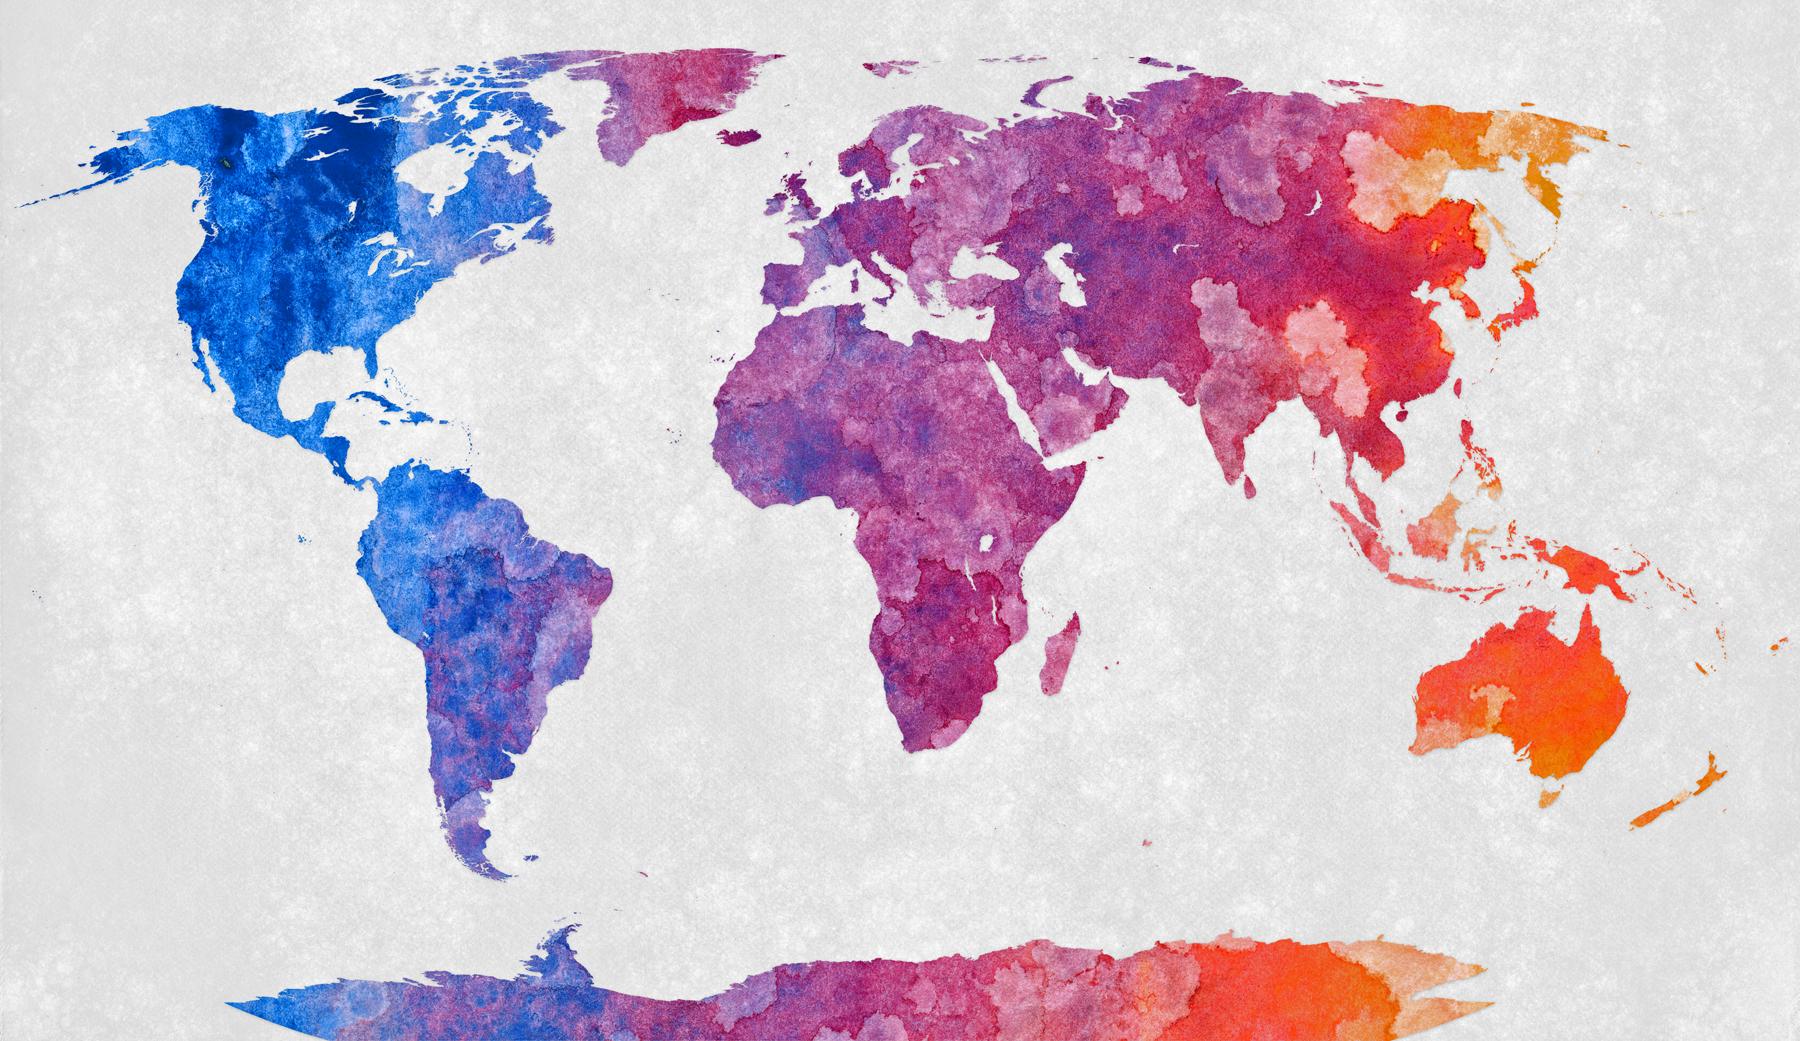 Les Plus Grands Pays Du Monde